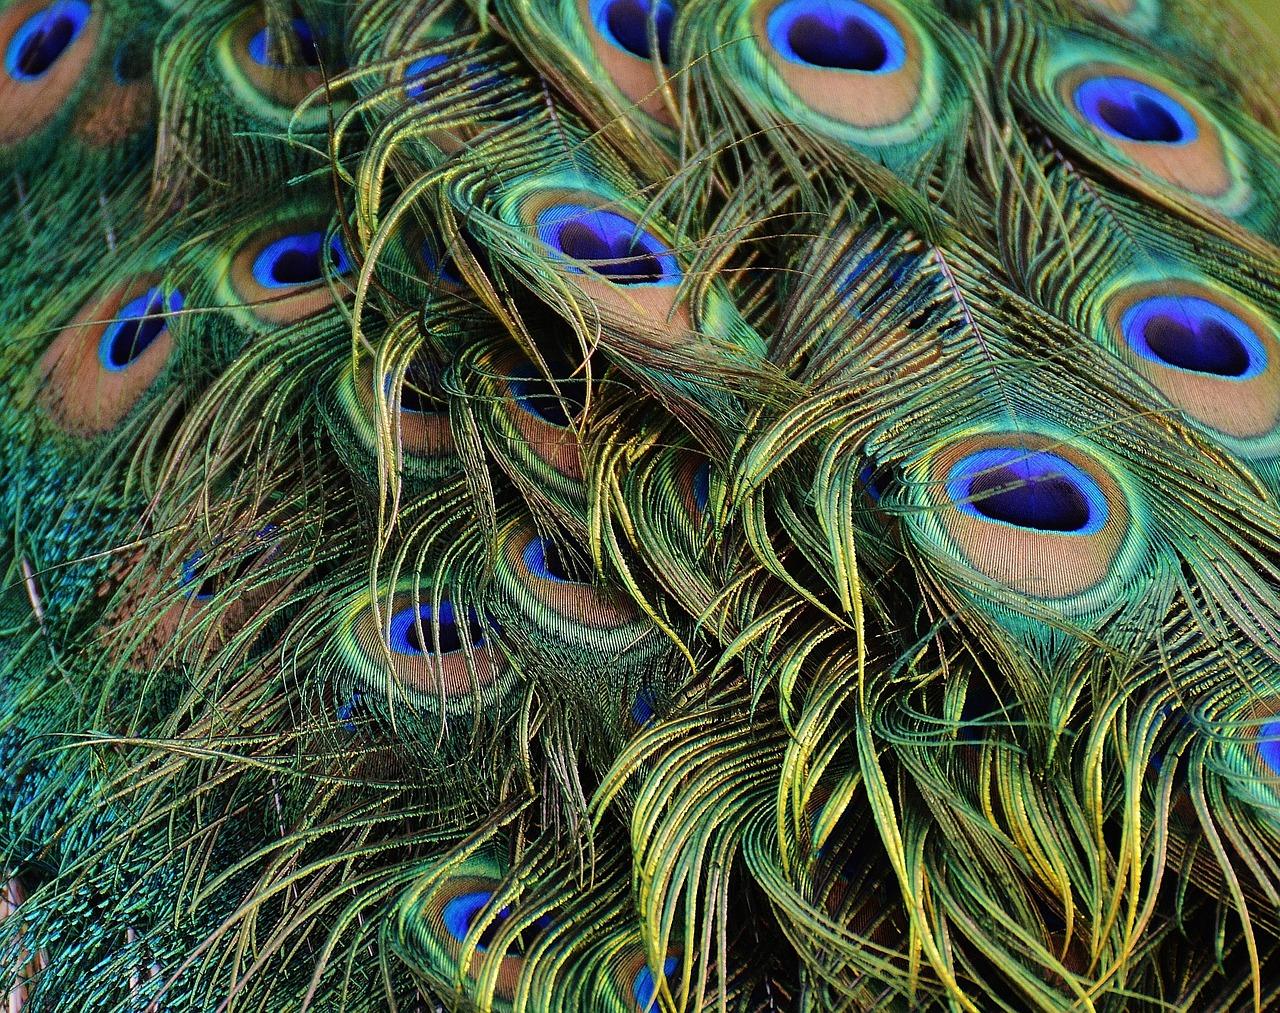 Peacock Effect, czyli efekt pawia